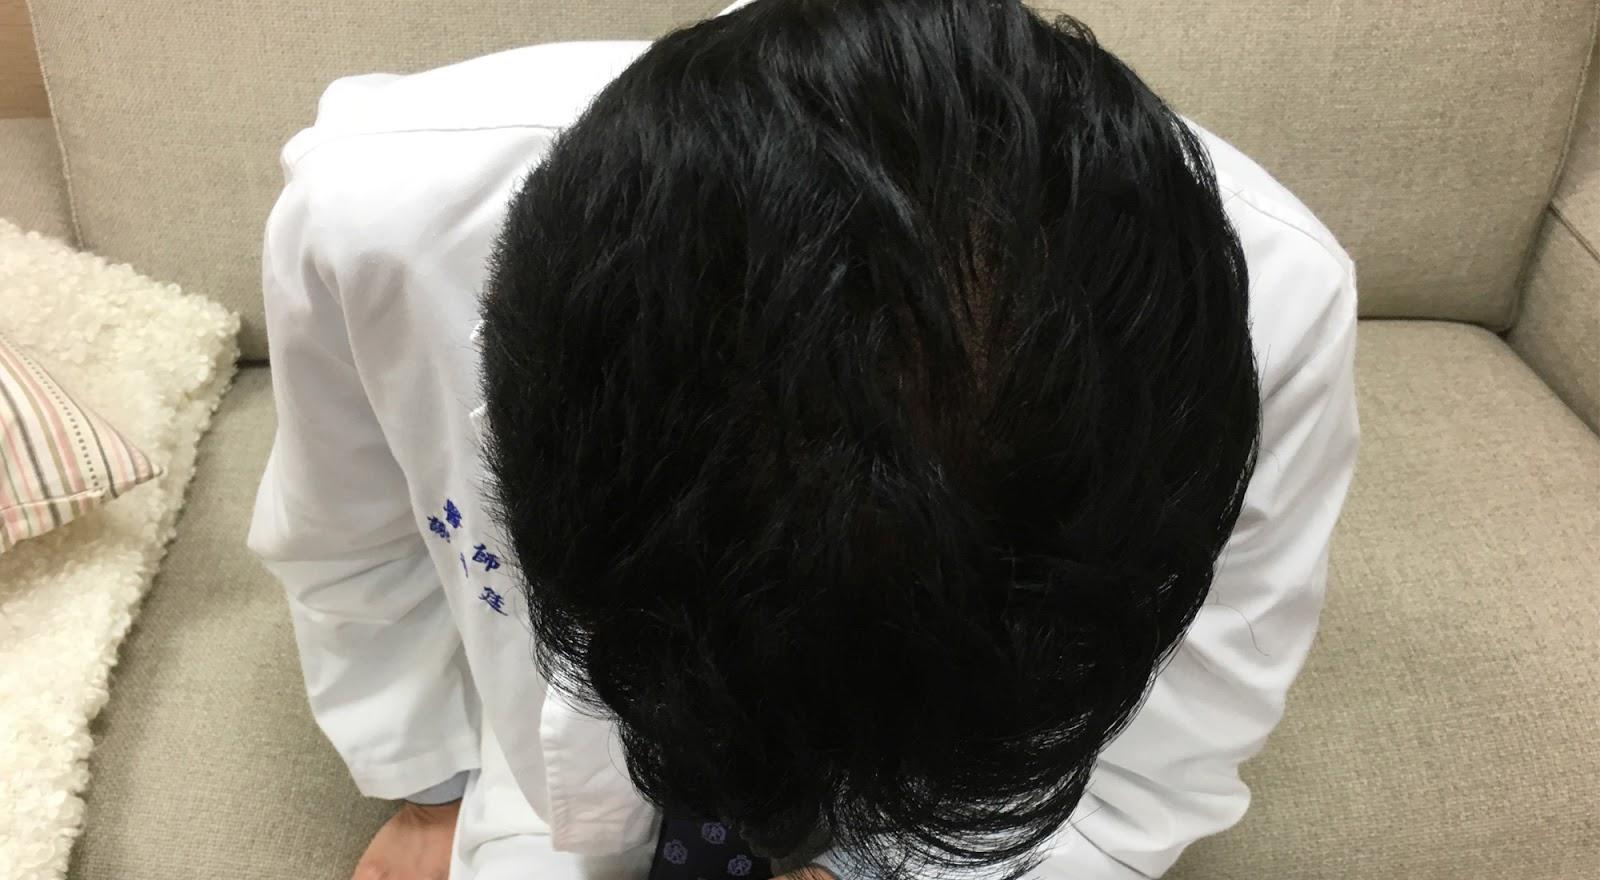 【影片】植髮手術會痛嗎? - 謝宗廷醫師